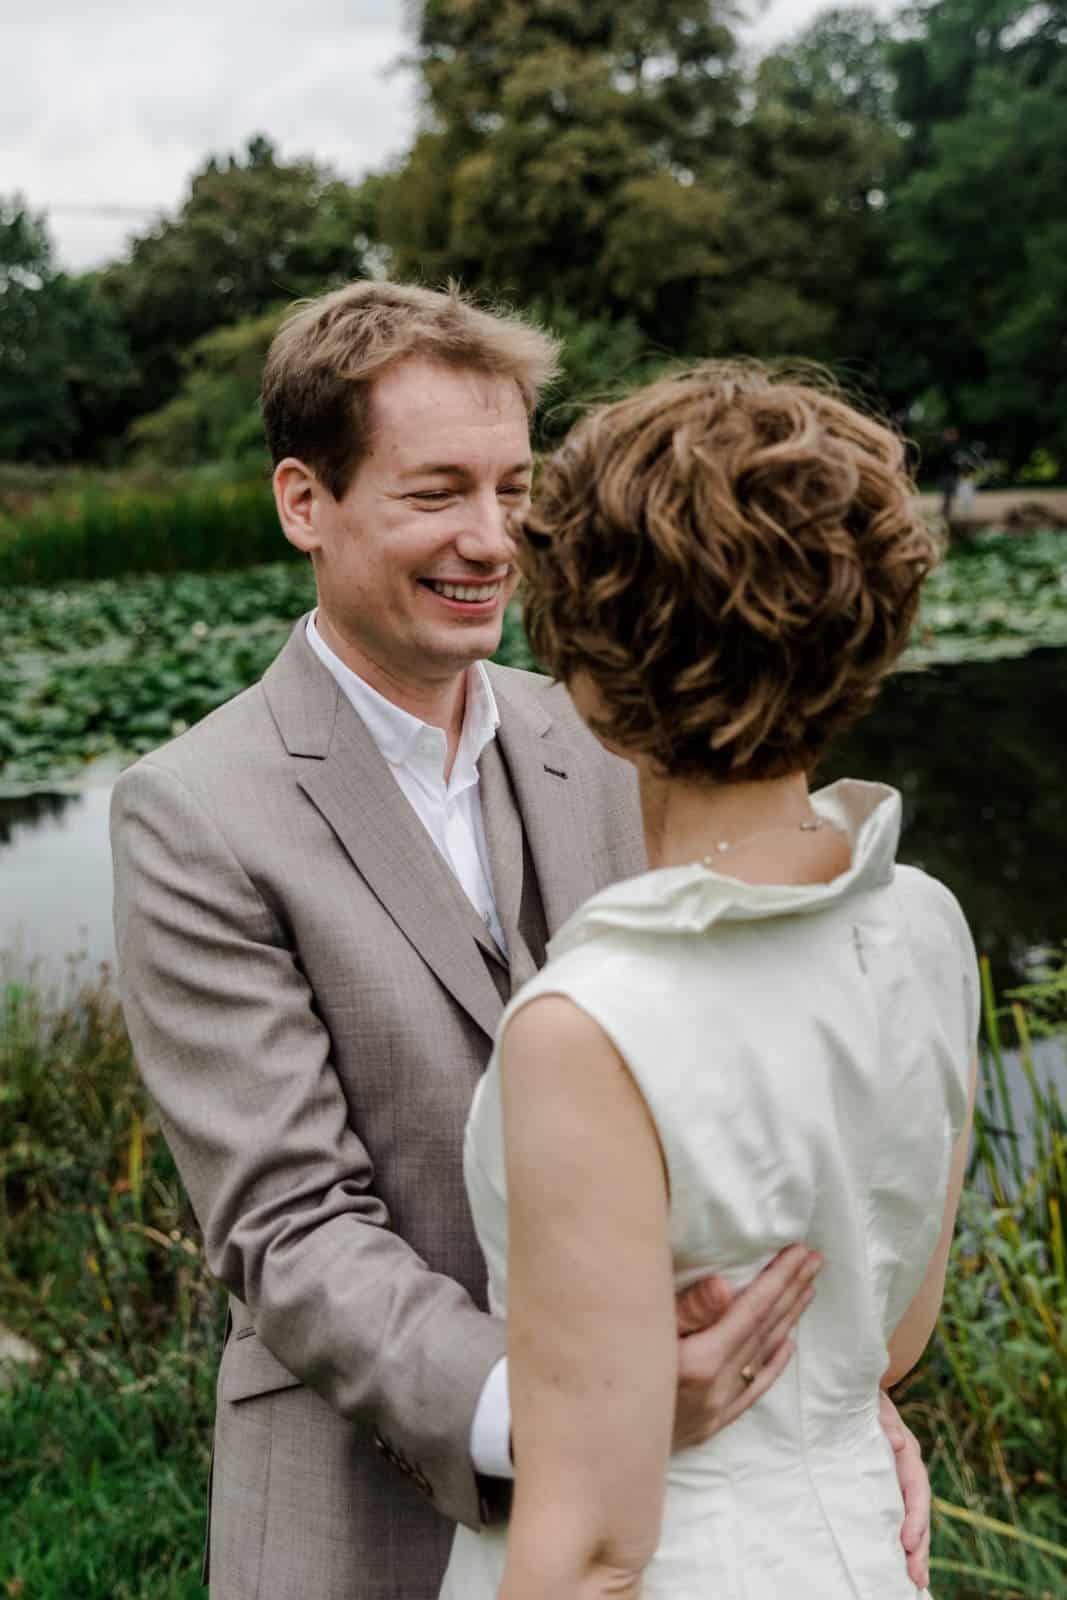 Brautpaar tanzt im Park des Prinz-Emil-Schlösschen in Darmstadt und Bräutigam lacht seine Frau an.